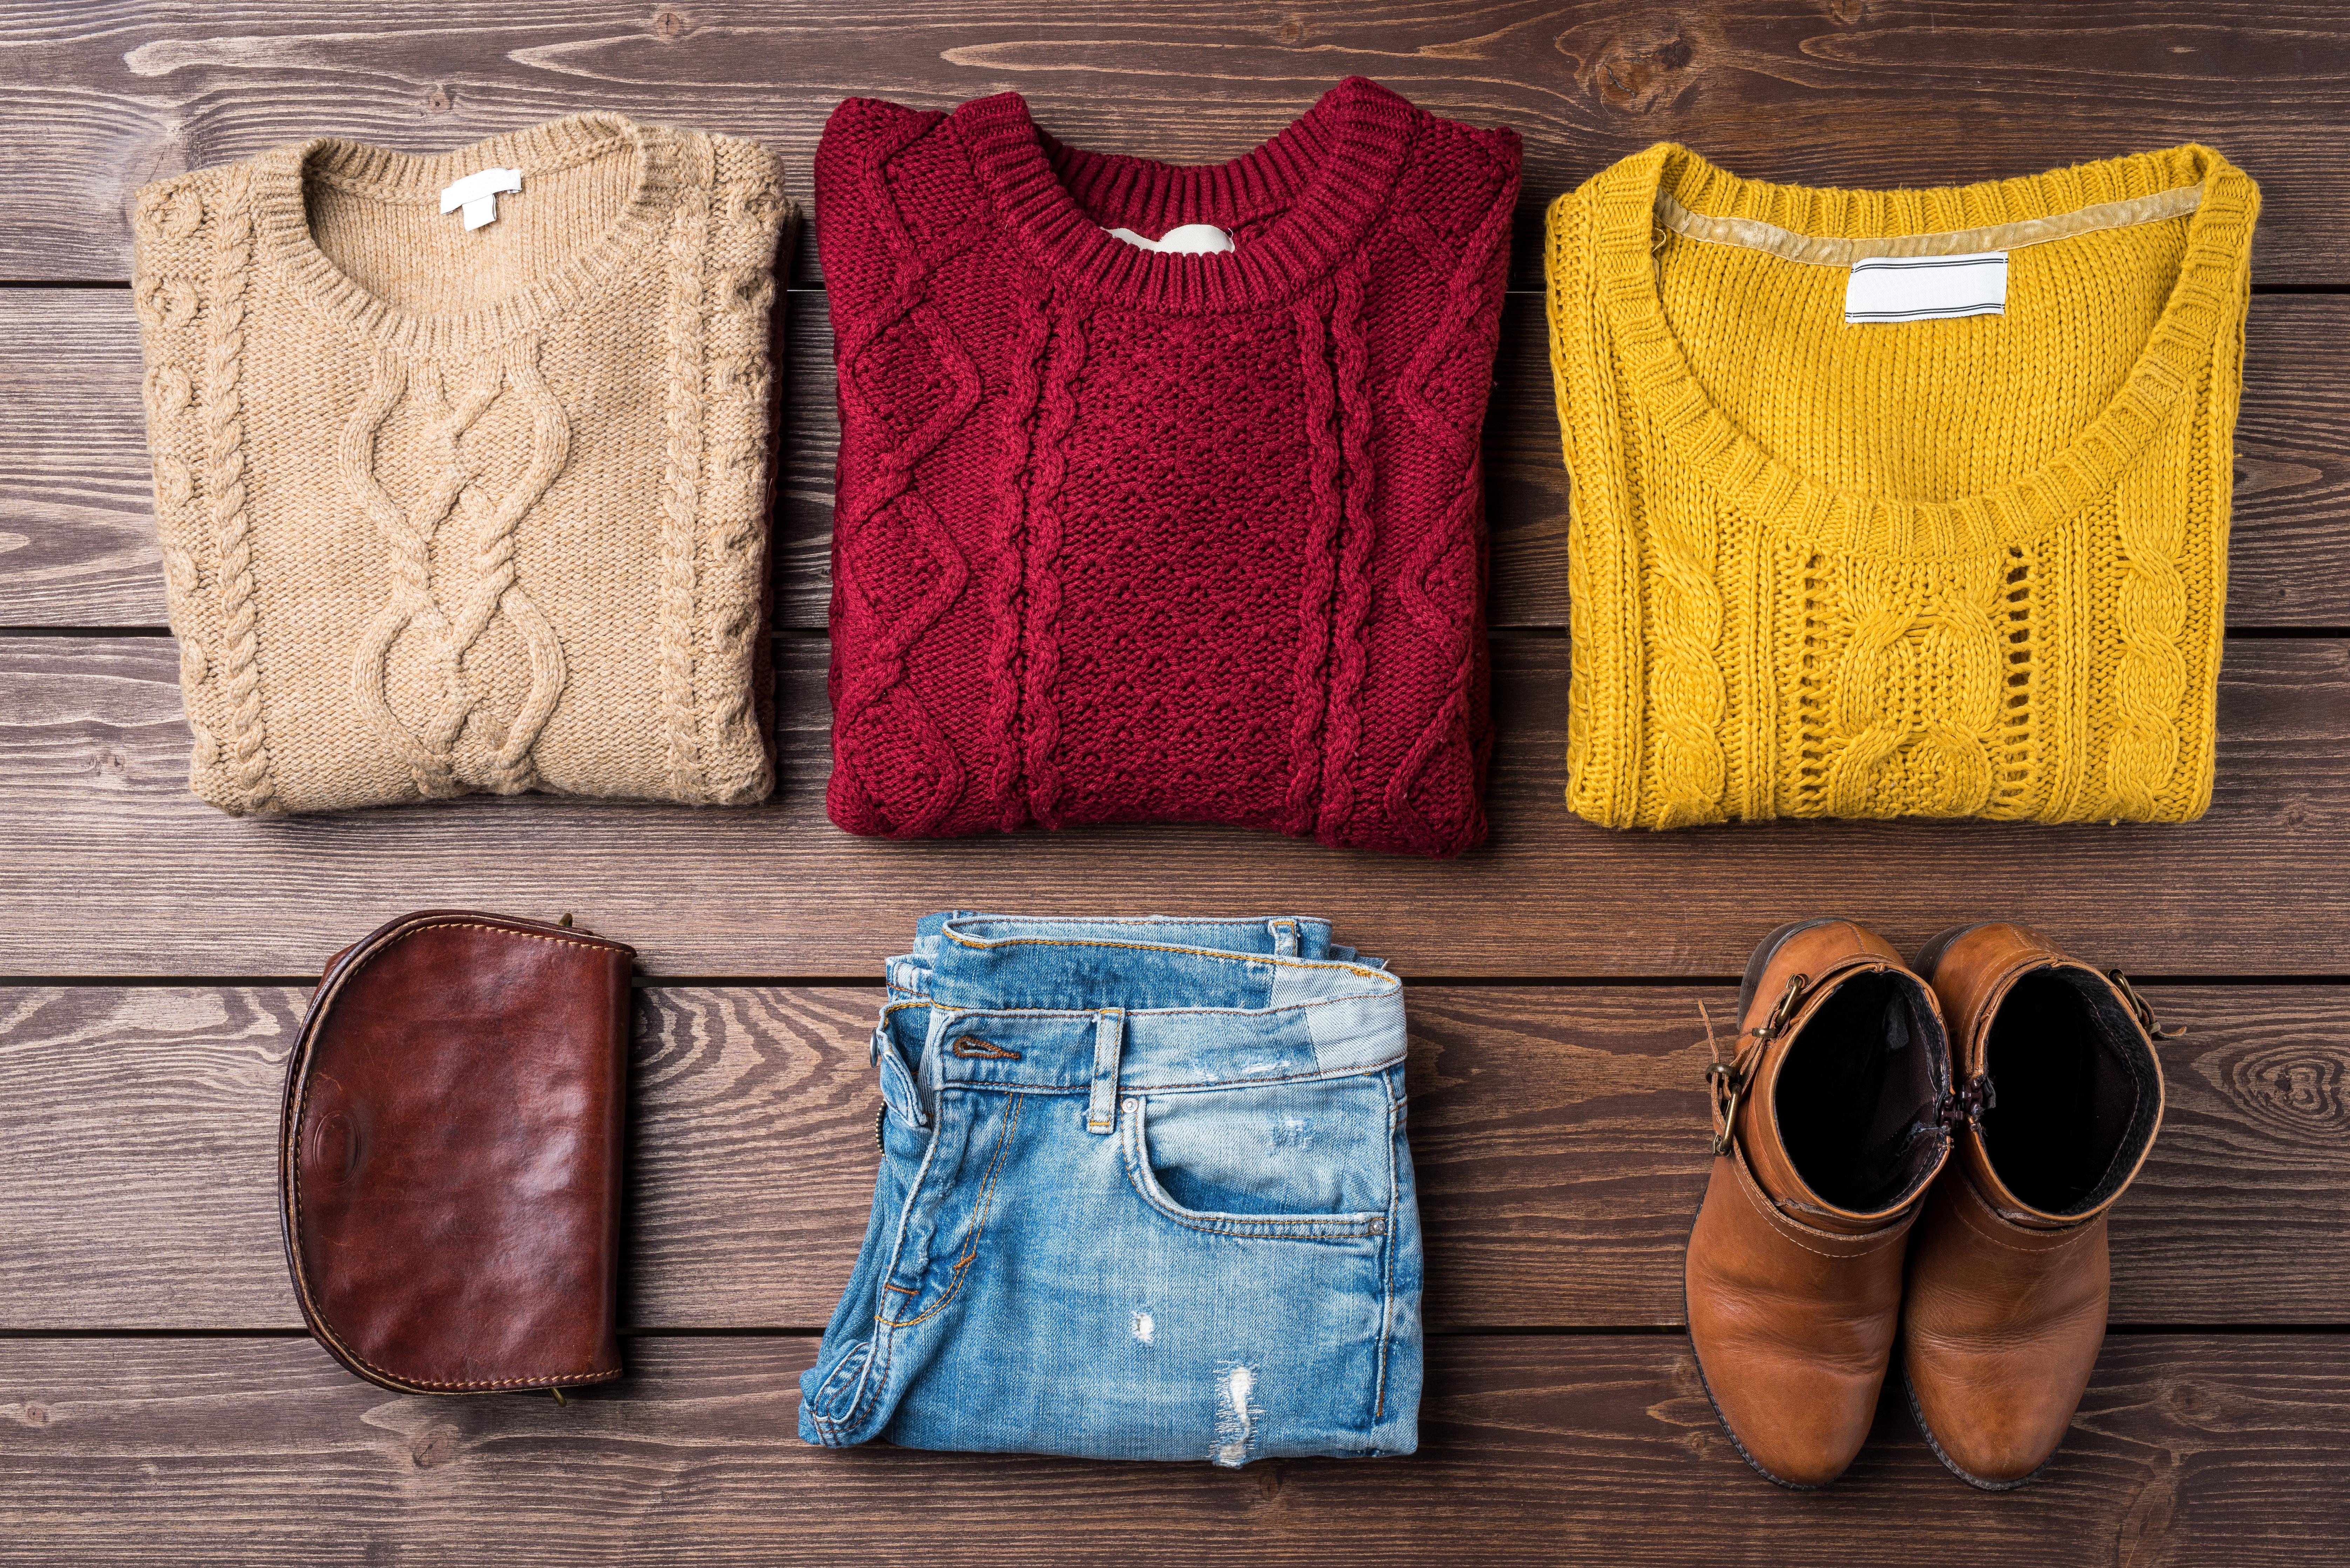 abbigliamento usato mercatopoli